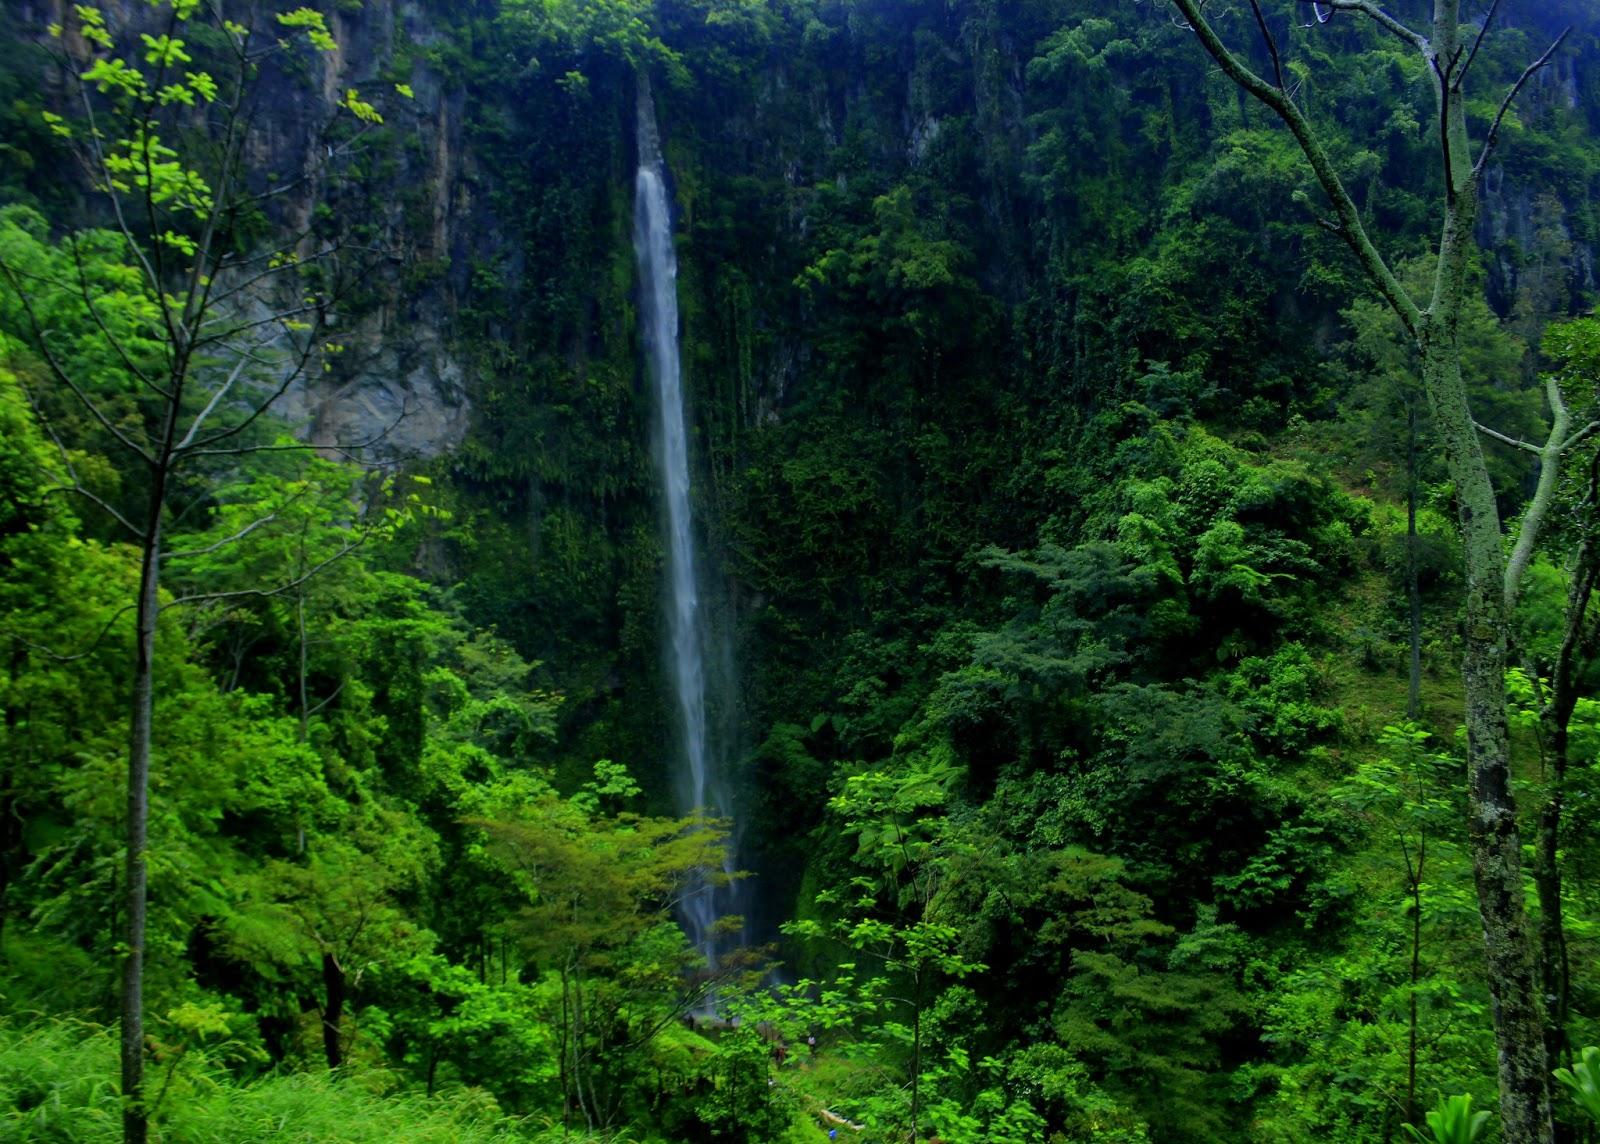 Air Terjun Kali Pancur yang Penuh Keindahan Alam di Jawa Tengah - Jawa Tengah